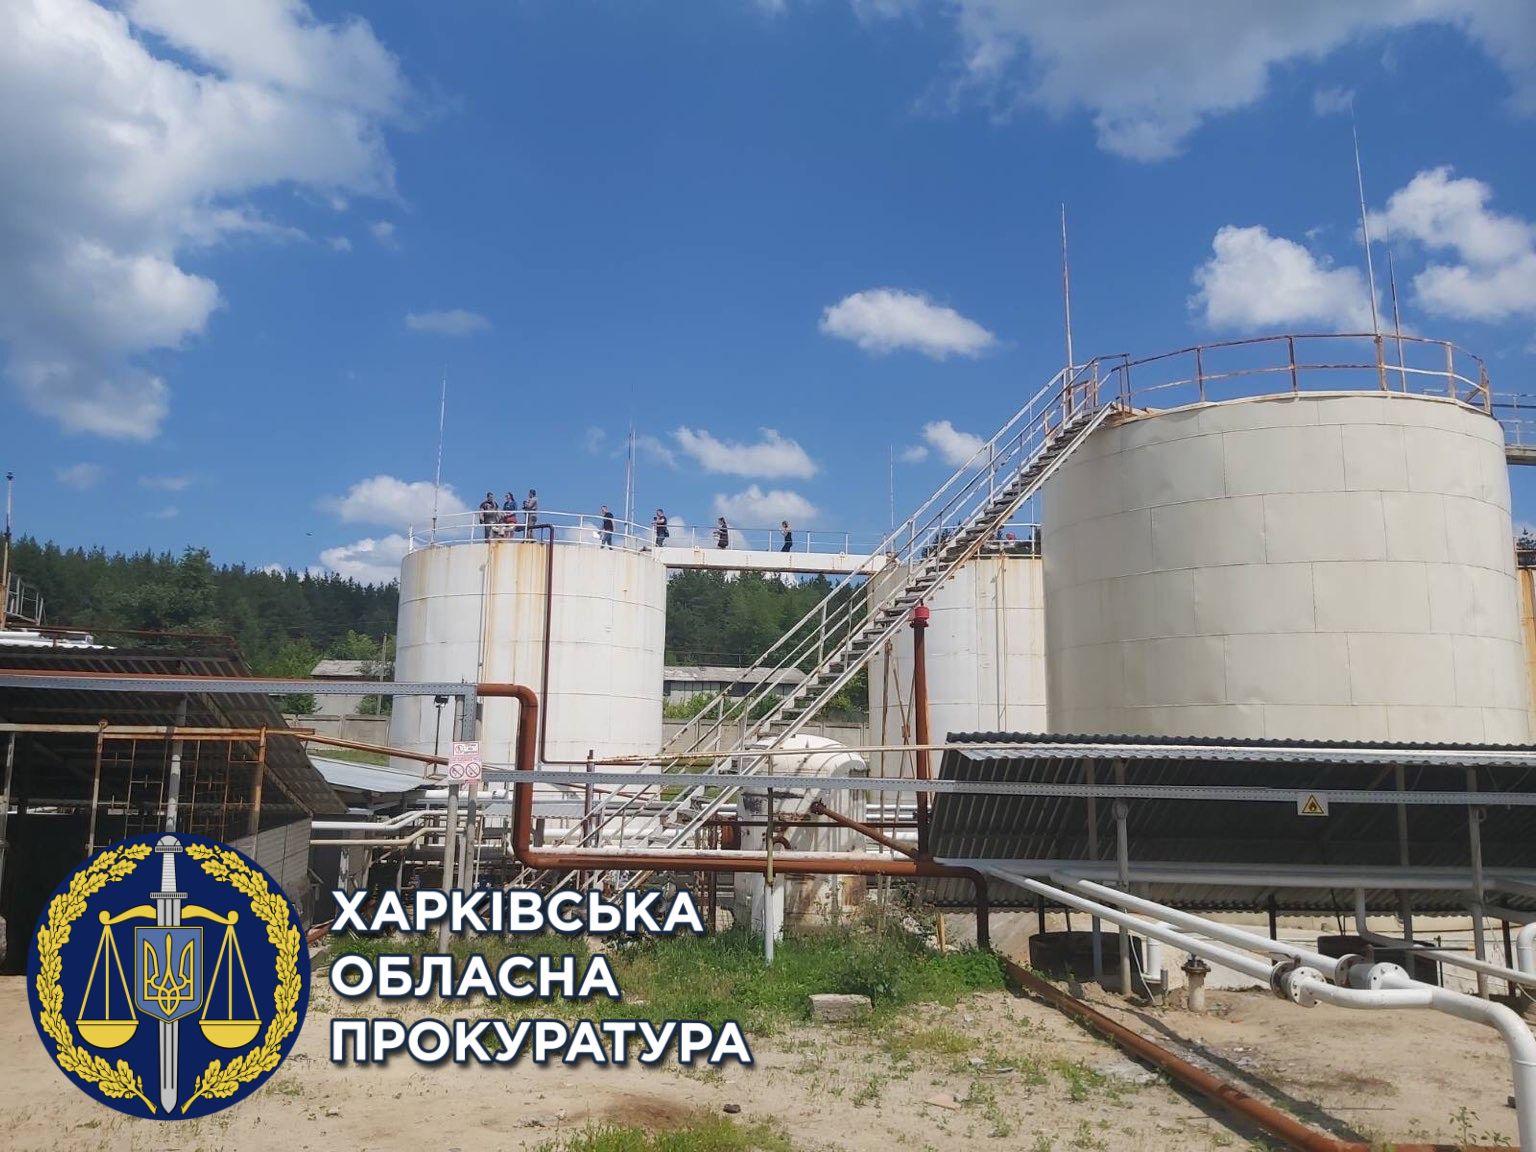 Незаконное производство топлива: в Мерефе остановили нефтеперерабатывающий завод(фото)